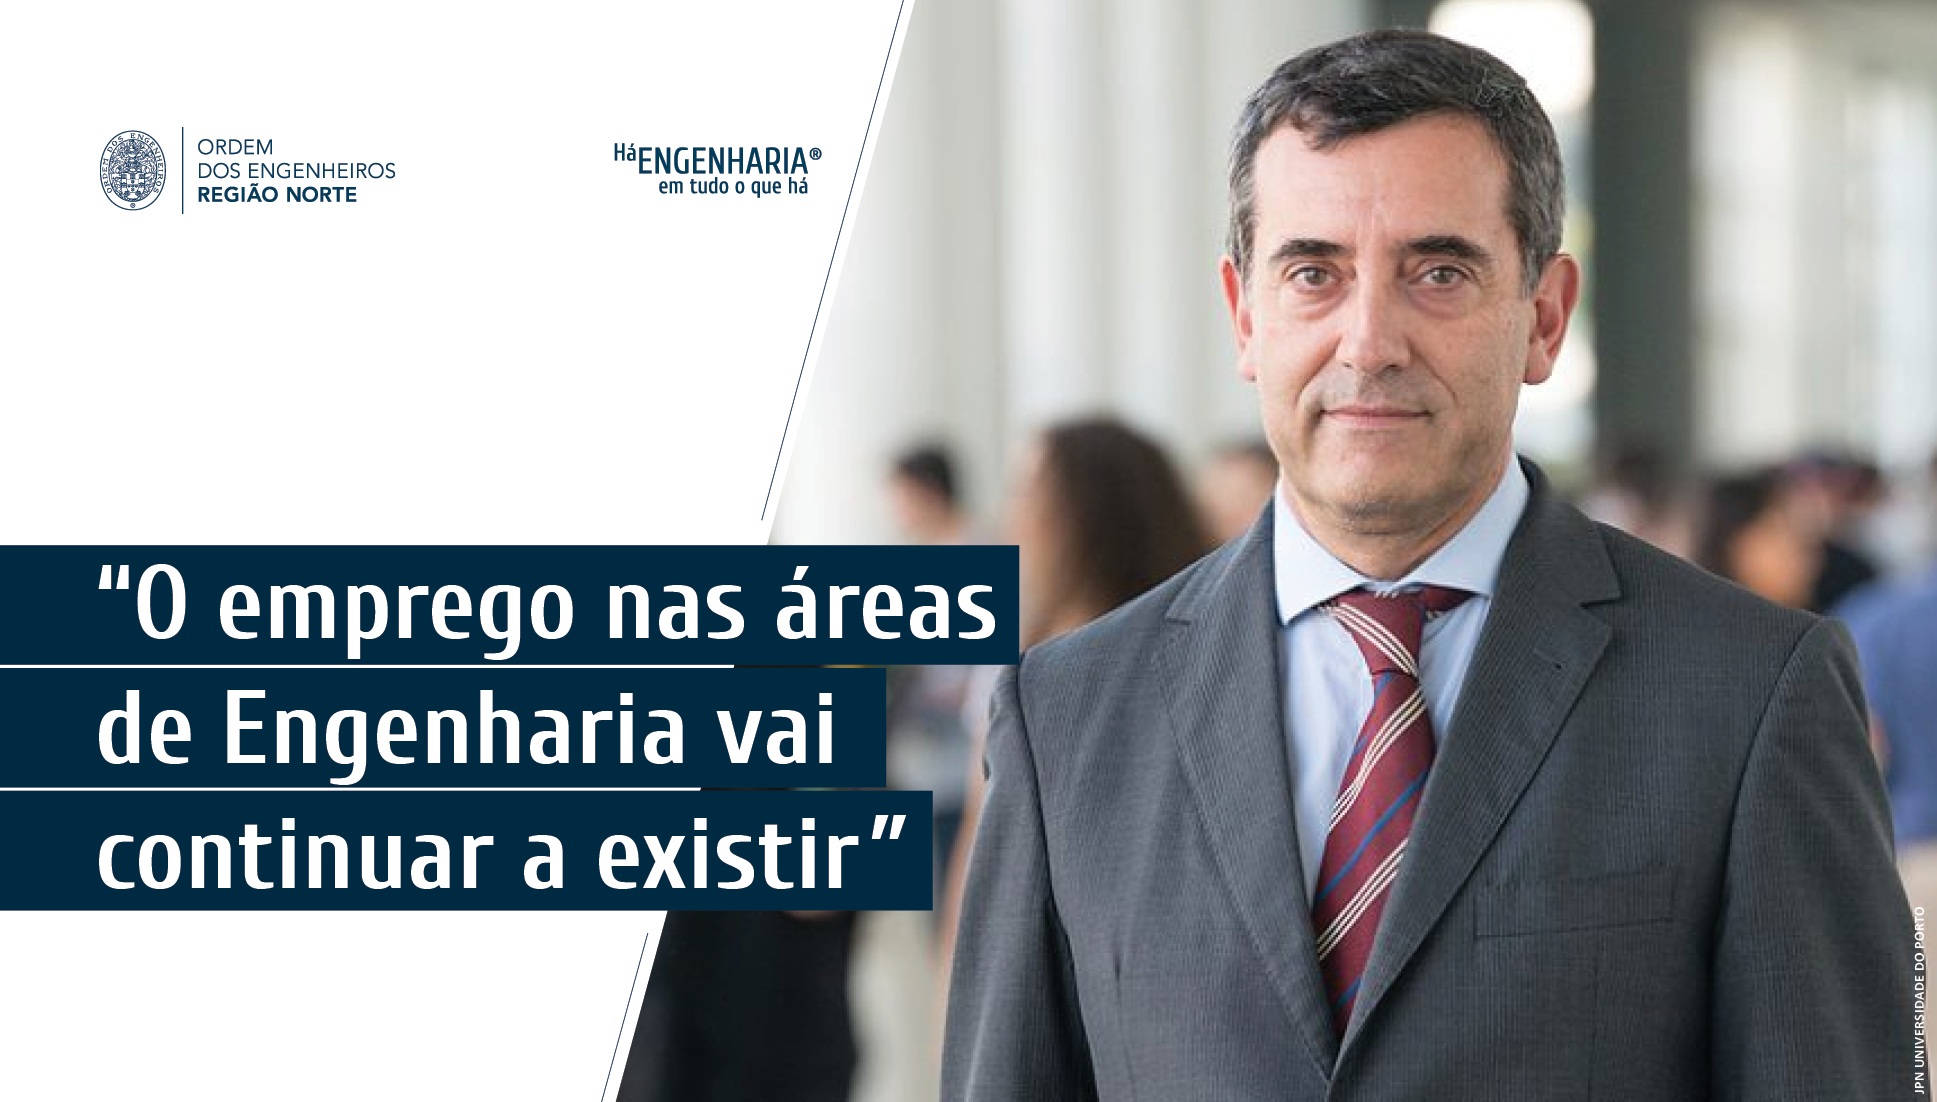 Plataforma Notícias Ordem Engenheiros Região Norte - Entrevista: João Falcão e Cunha, diretor da FEUP